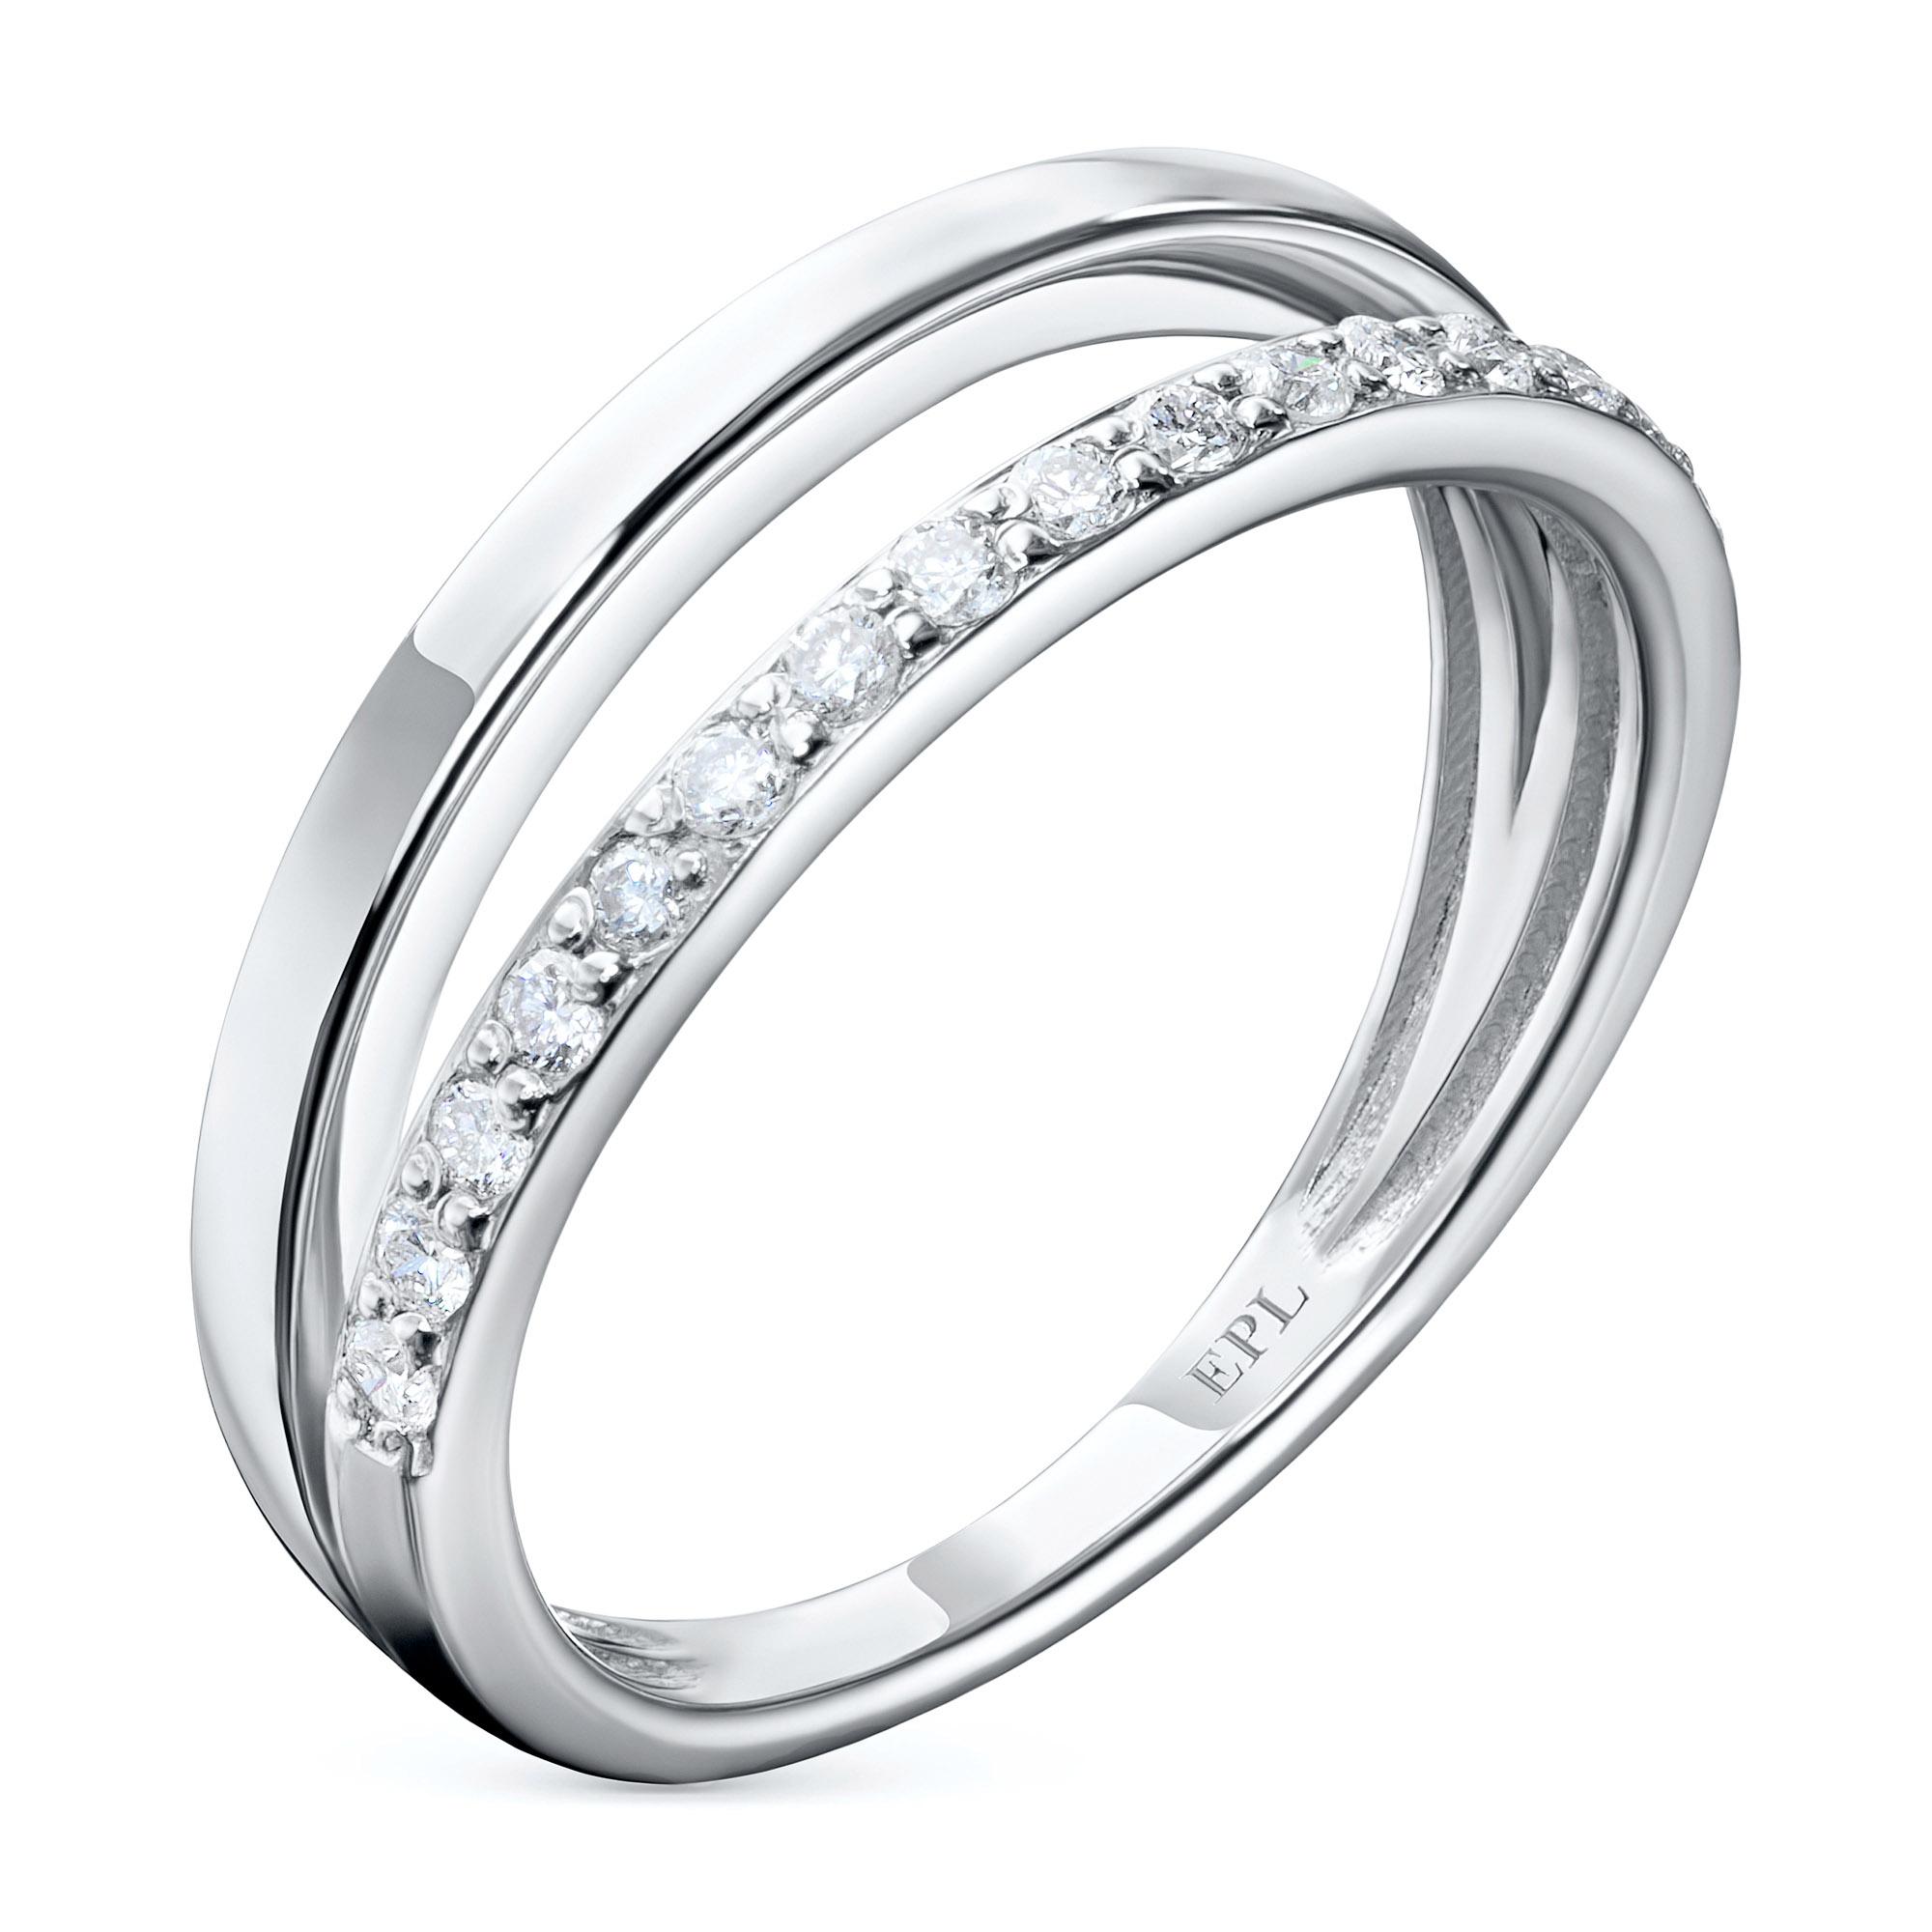 Кольцо из белого золота с бриллиантом э0901кц07210009 э0901кц07210009